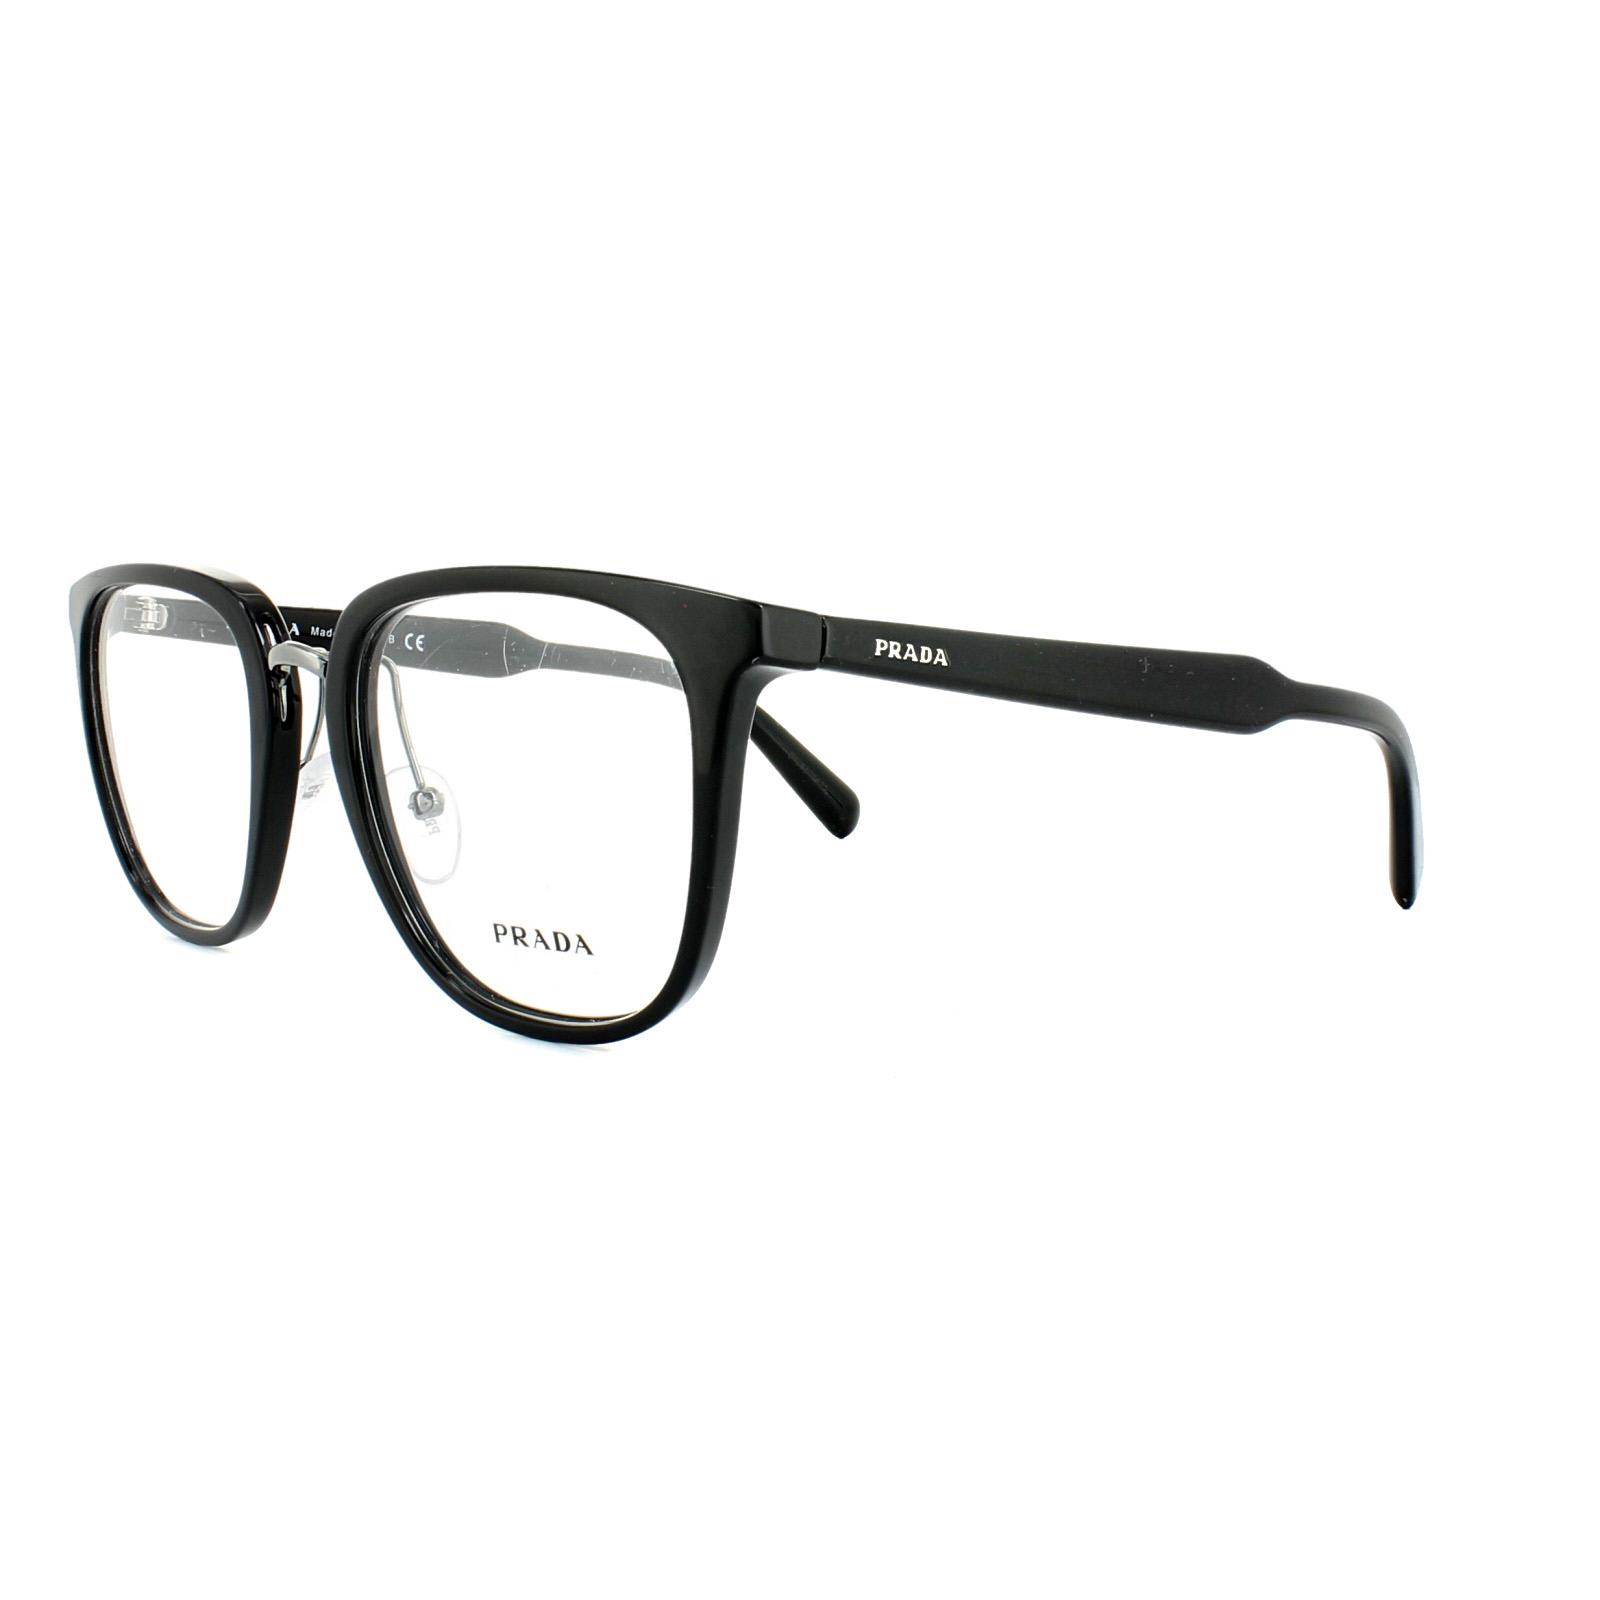 a25c6a0704a Prada Glasses Frames PR 10TV 1AB1O1 Black Mens 51mm 8053672621235